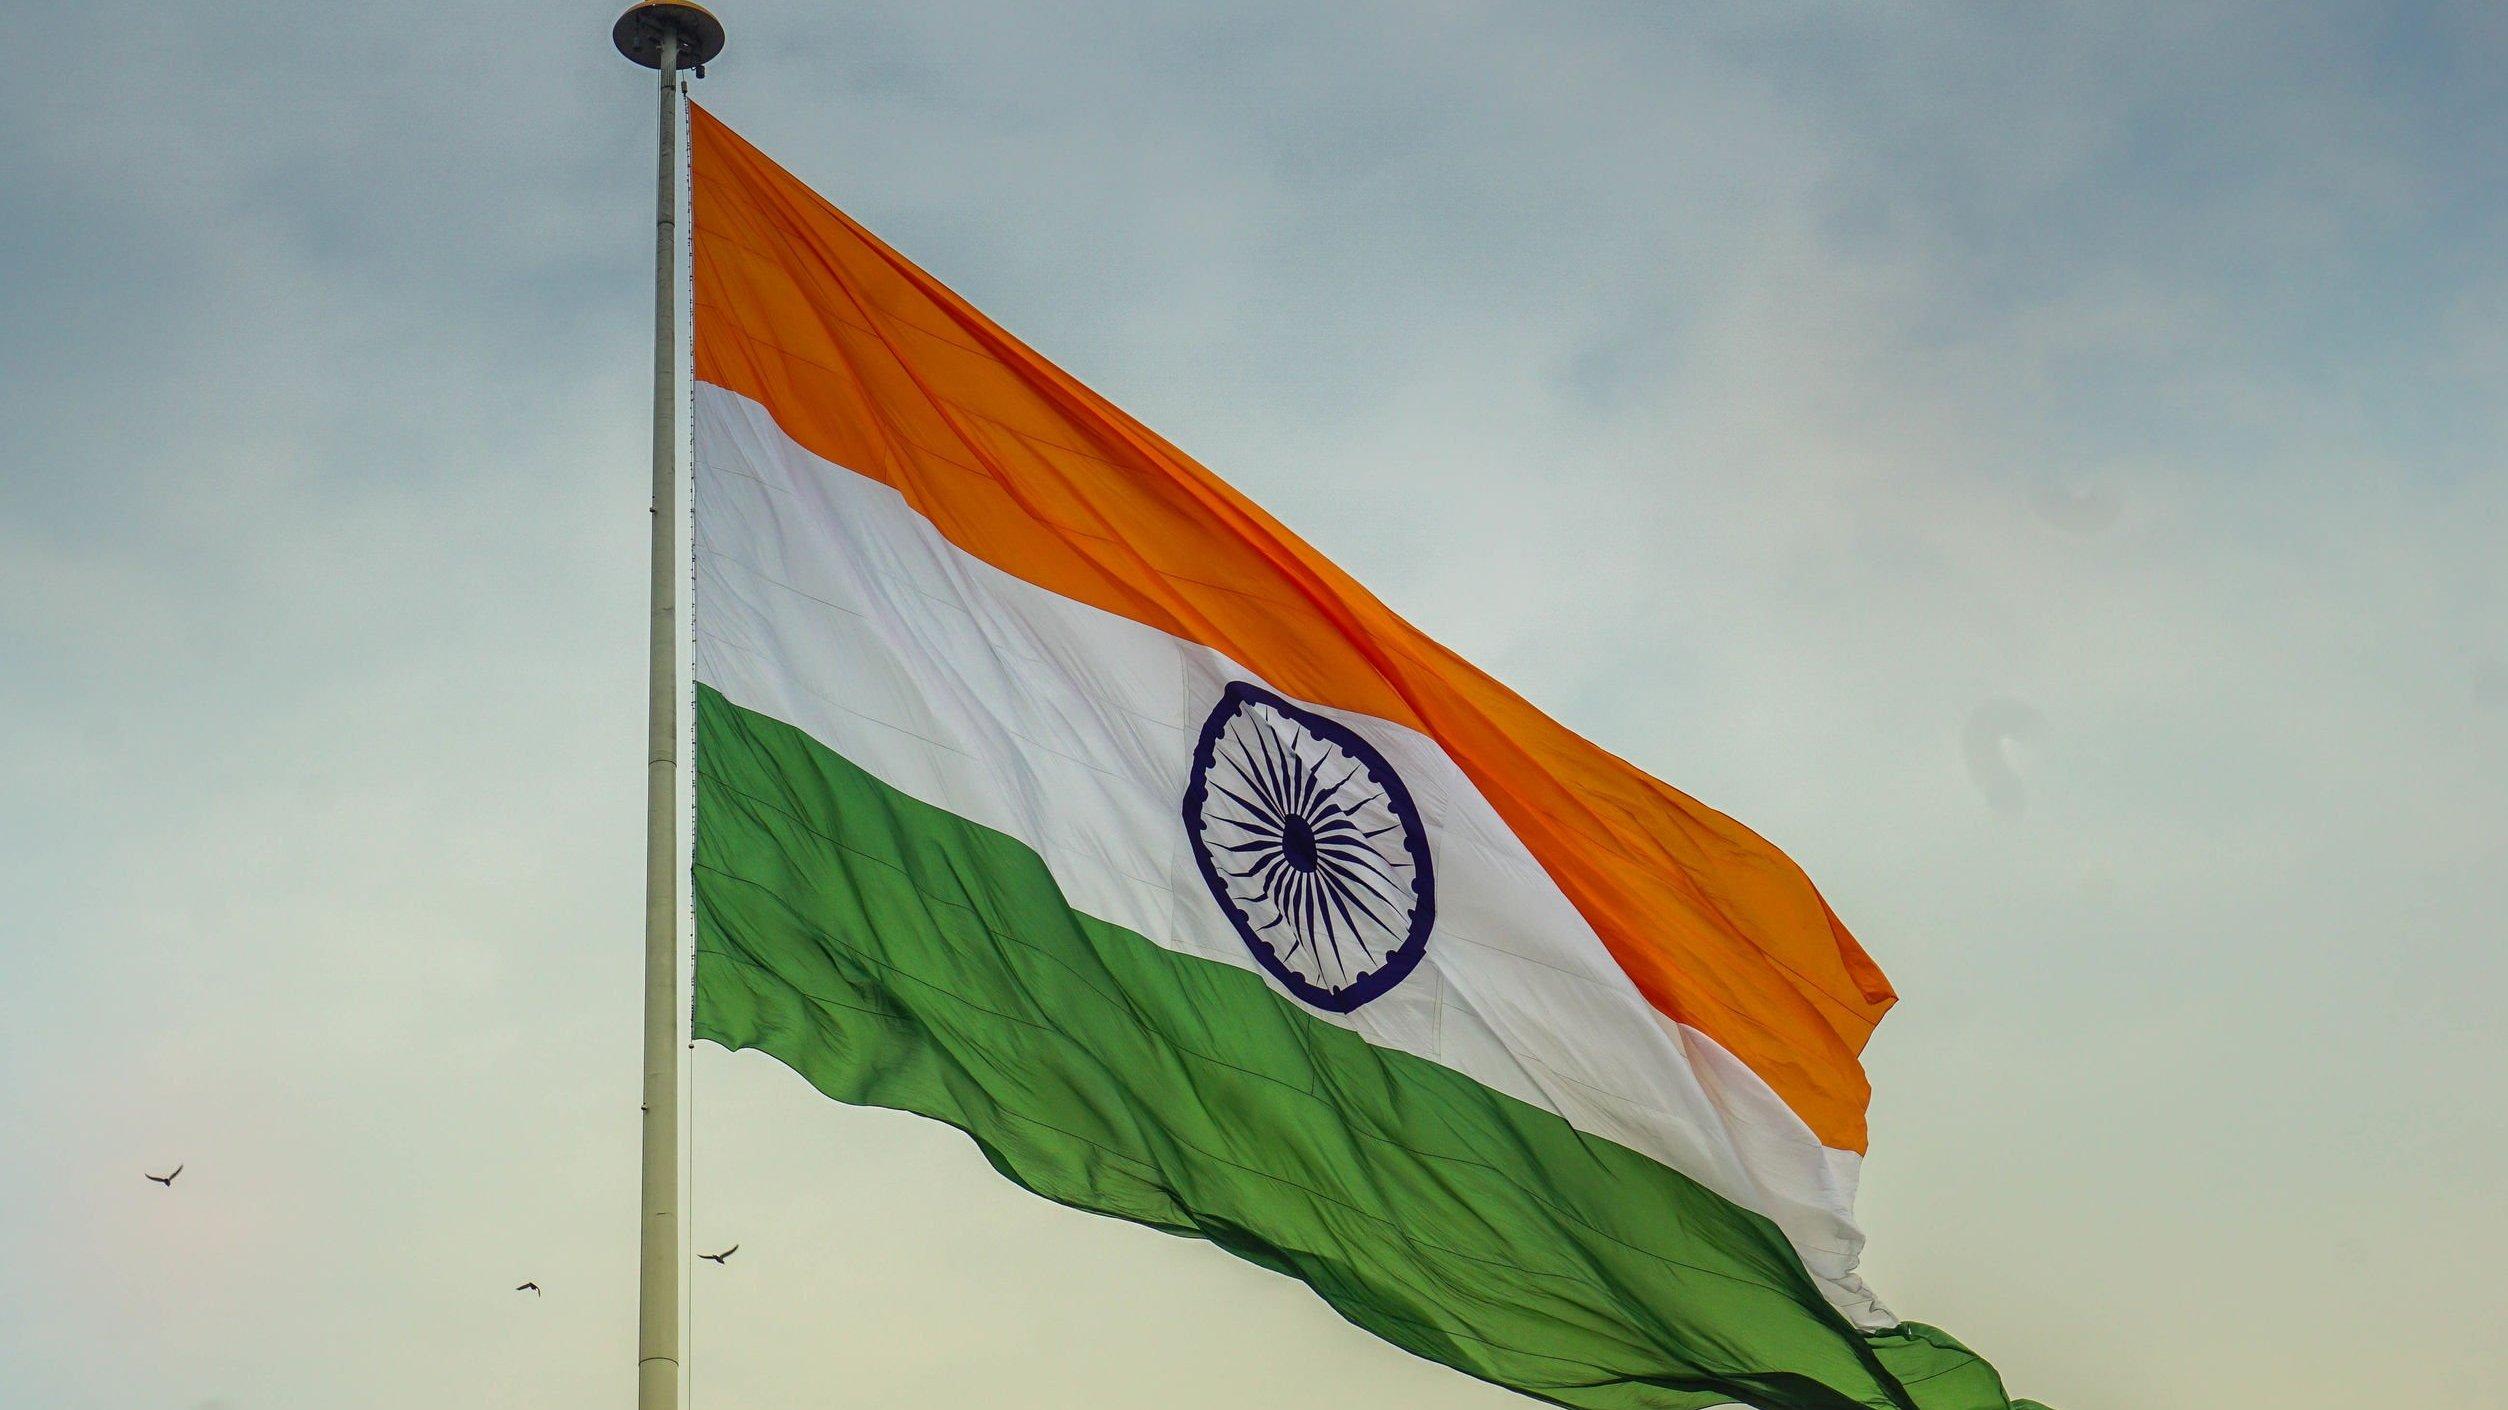 bandeira da índia asteada